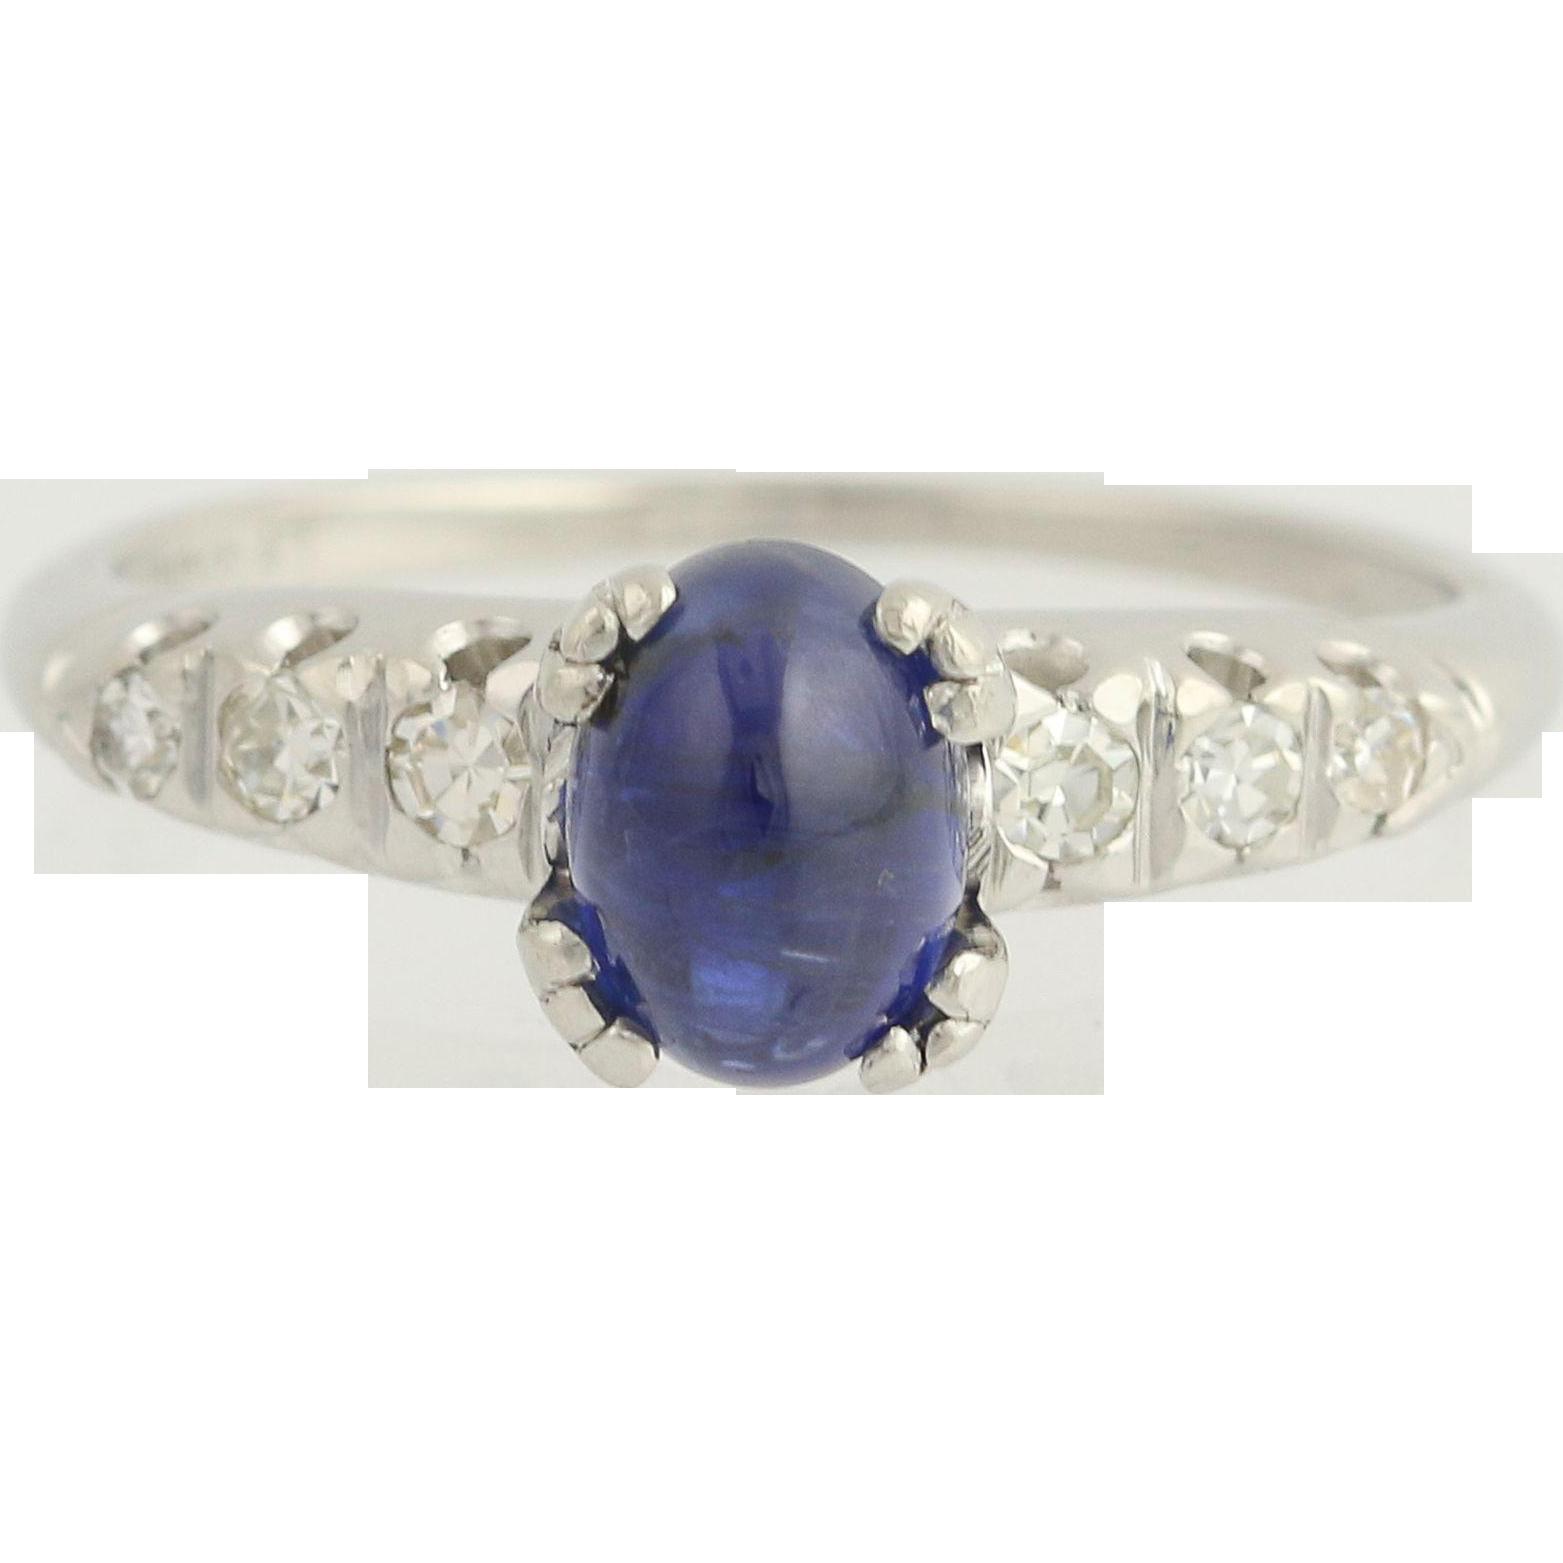 Art Deco Cabochon Blue Sapphire Ring - 900 Platinum Diamonds Vintage Engagement